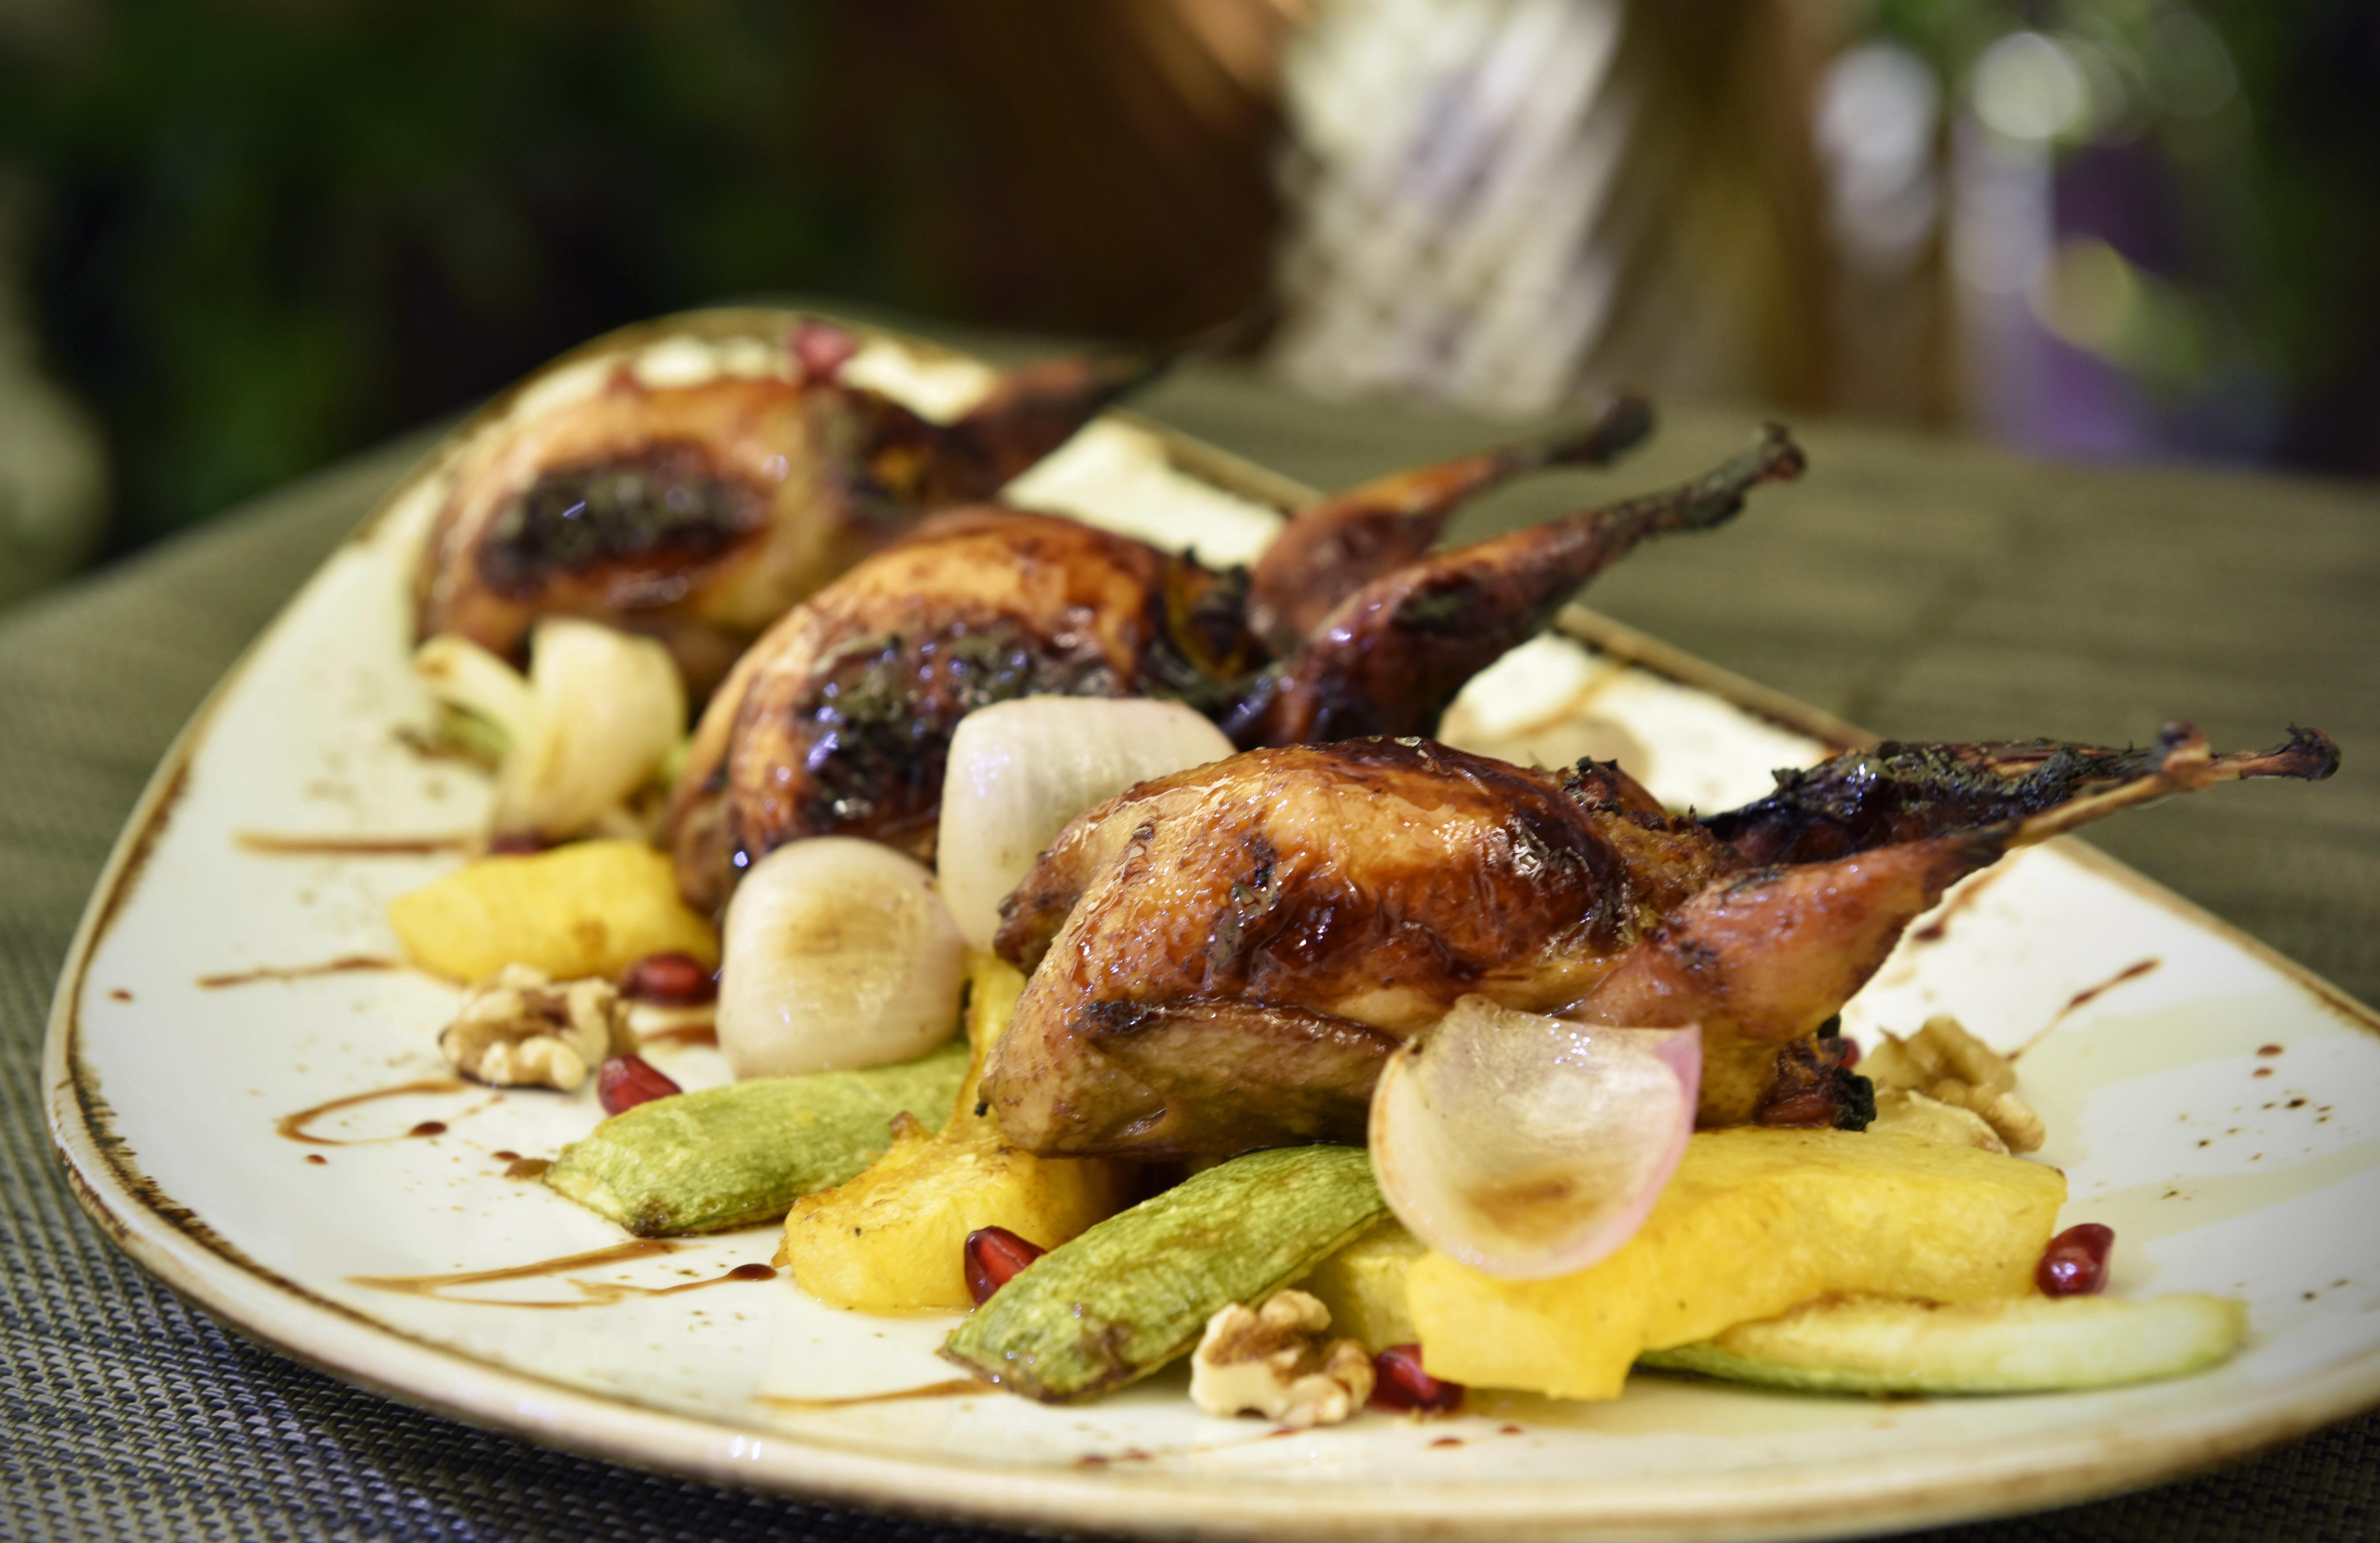 مطعم الرمال السبعة يضيف أطباق لحم الجمل الشهية إلى قائمة مأكولاته الإماراتية